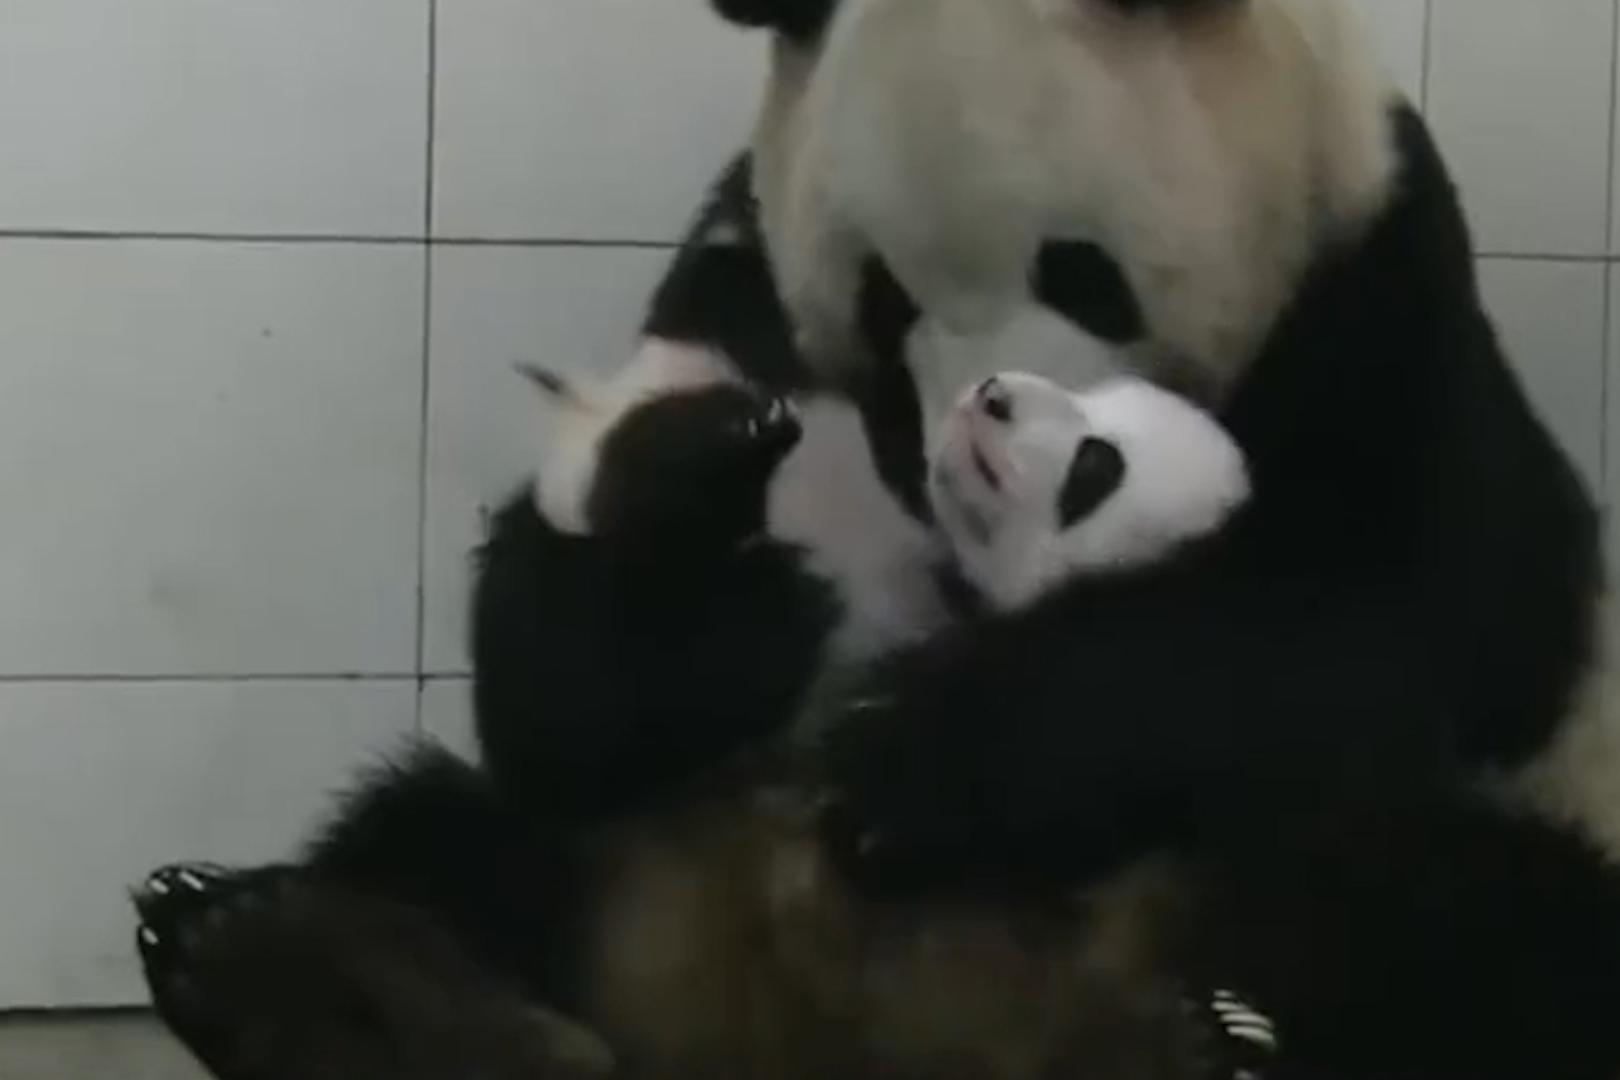 大熊猫第一次见到宝宝,初为熊母茫然无措,接下来憋住别笑